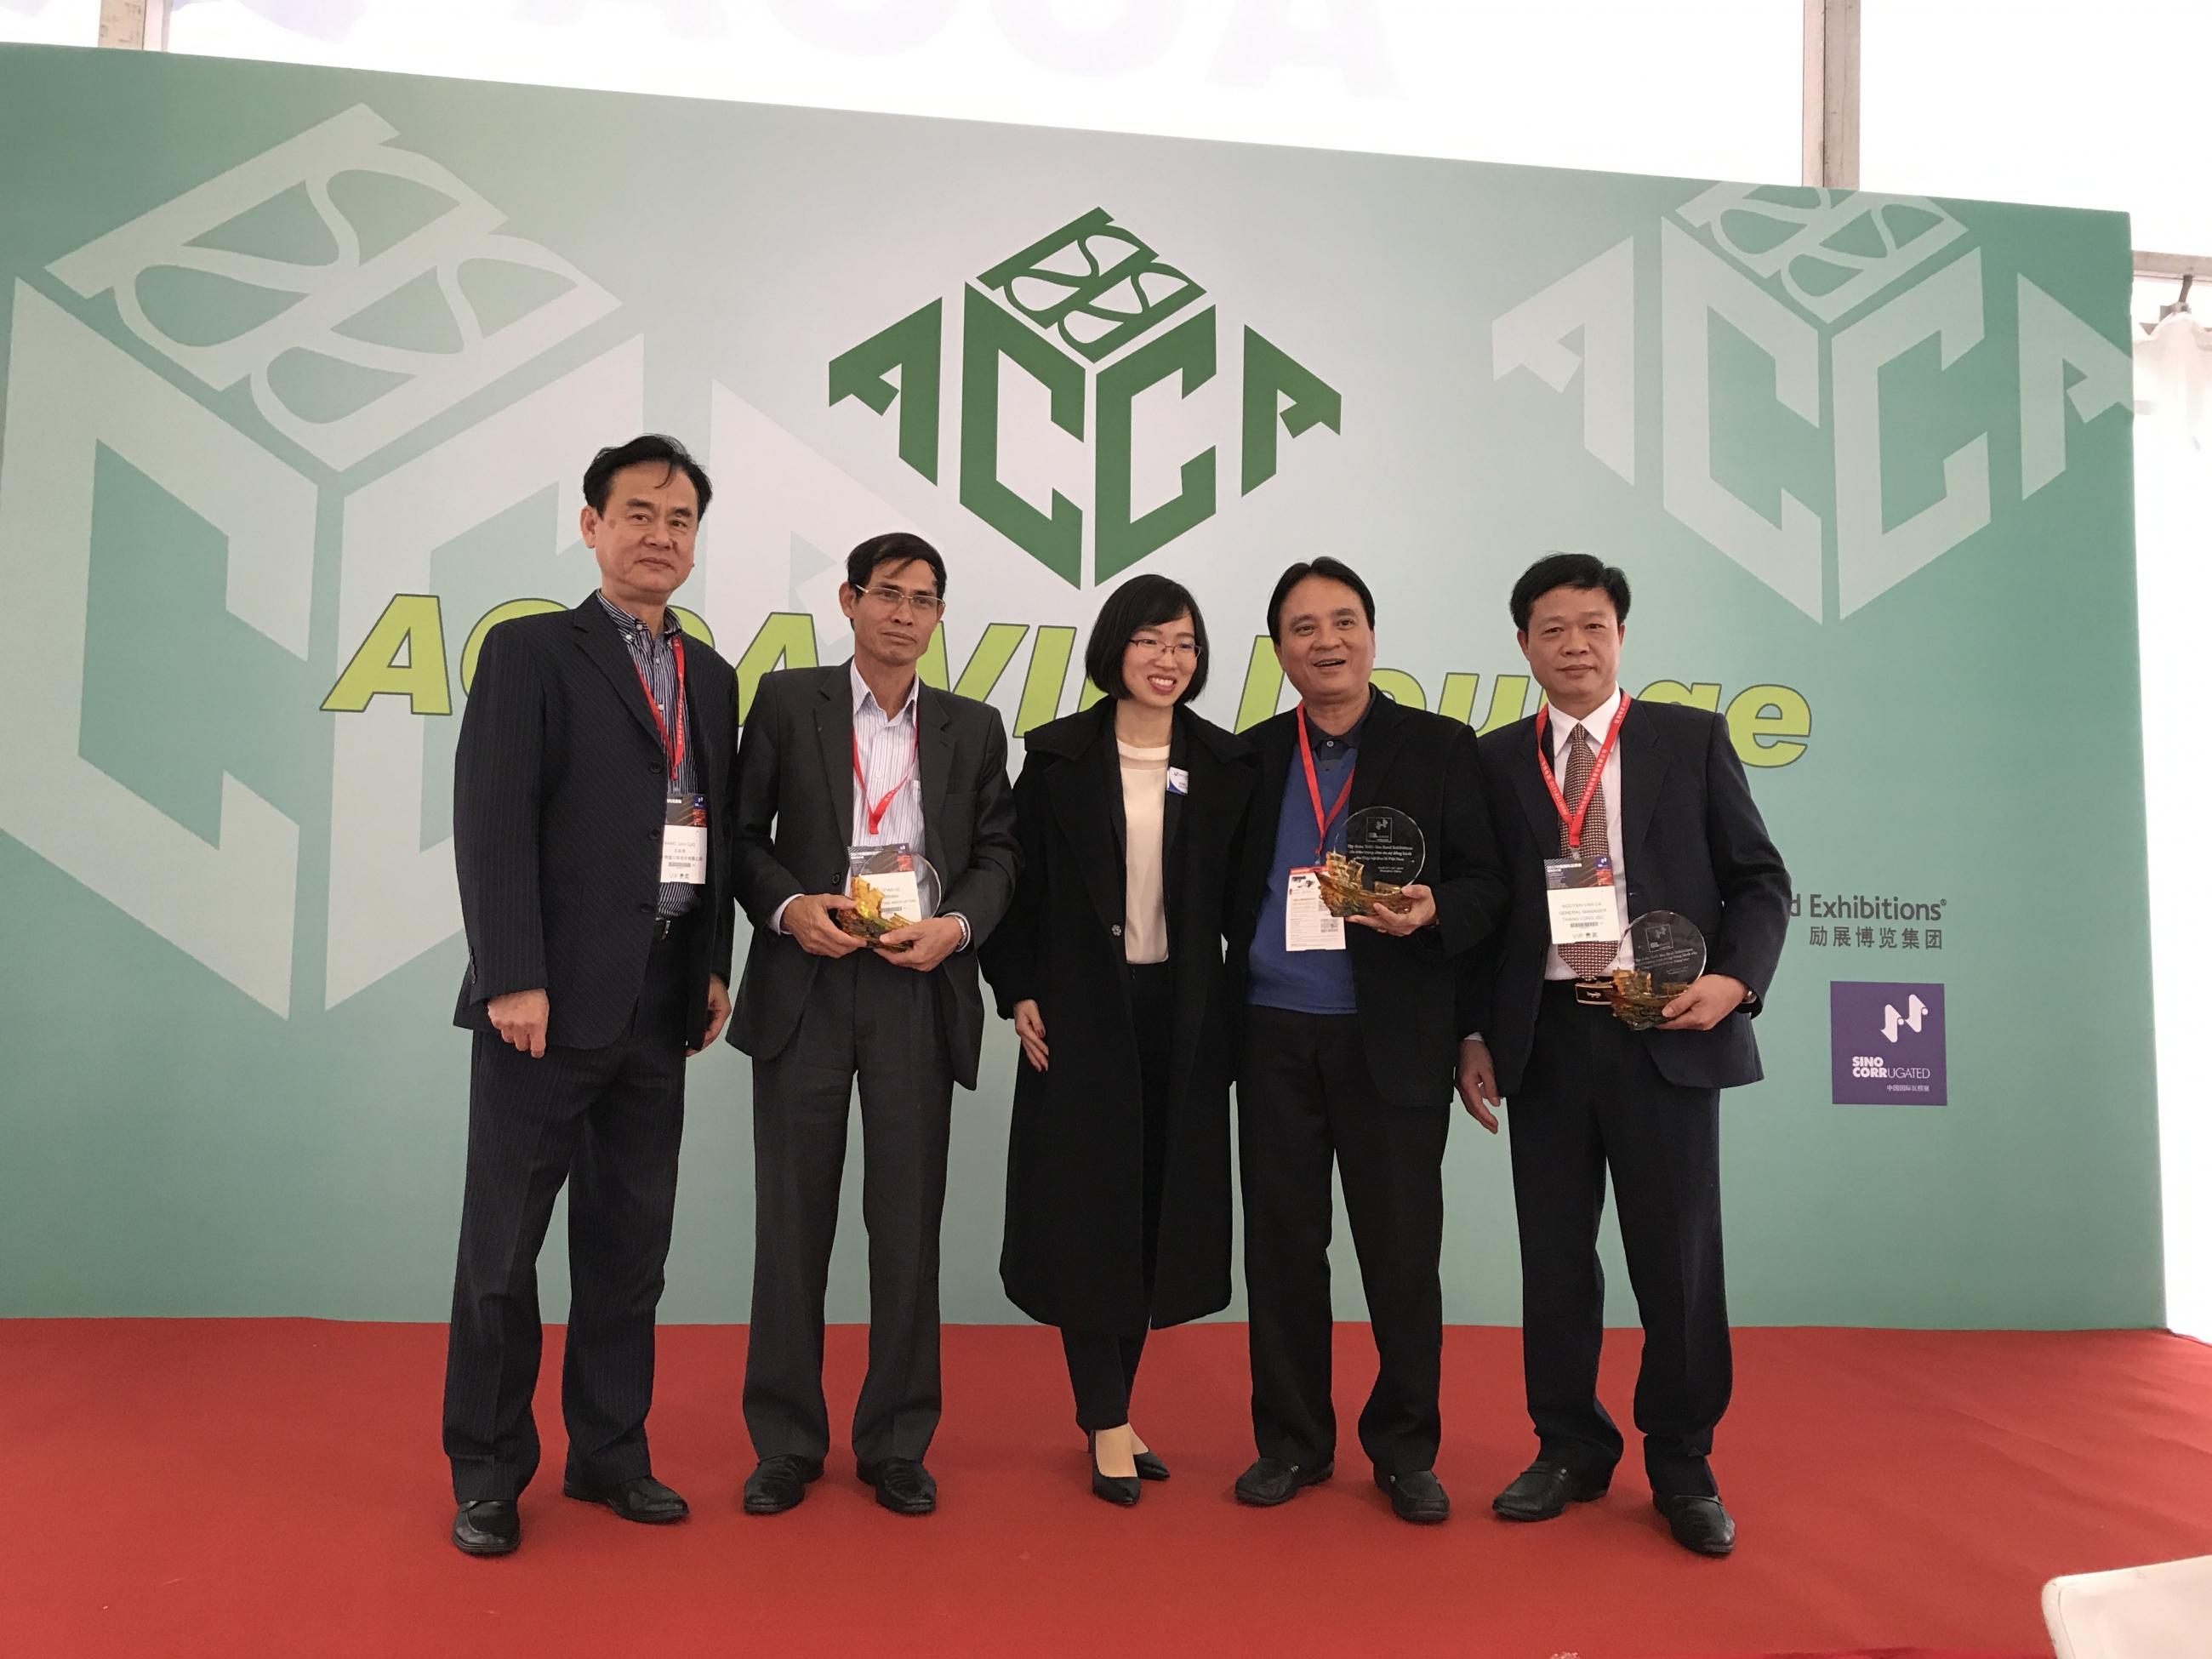 Nhận cúp doanh nghiệp có nhiều thành tích trong hợp tác Trung Việt tại Shanghai tháng 04 năm 2017